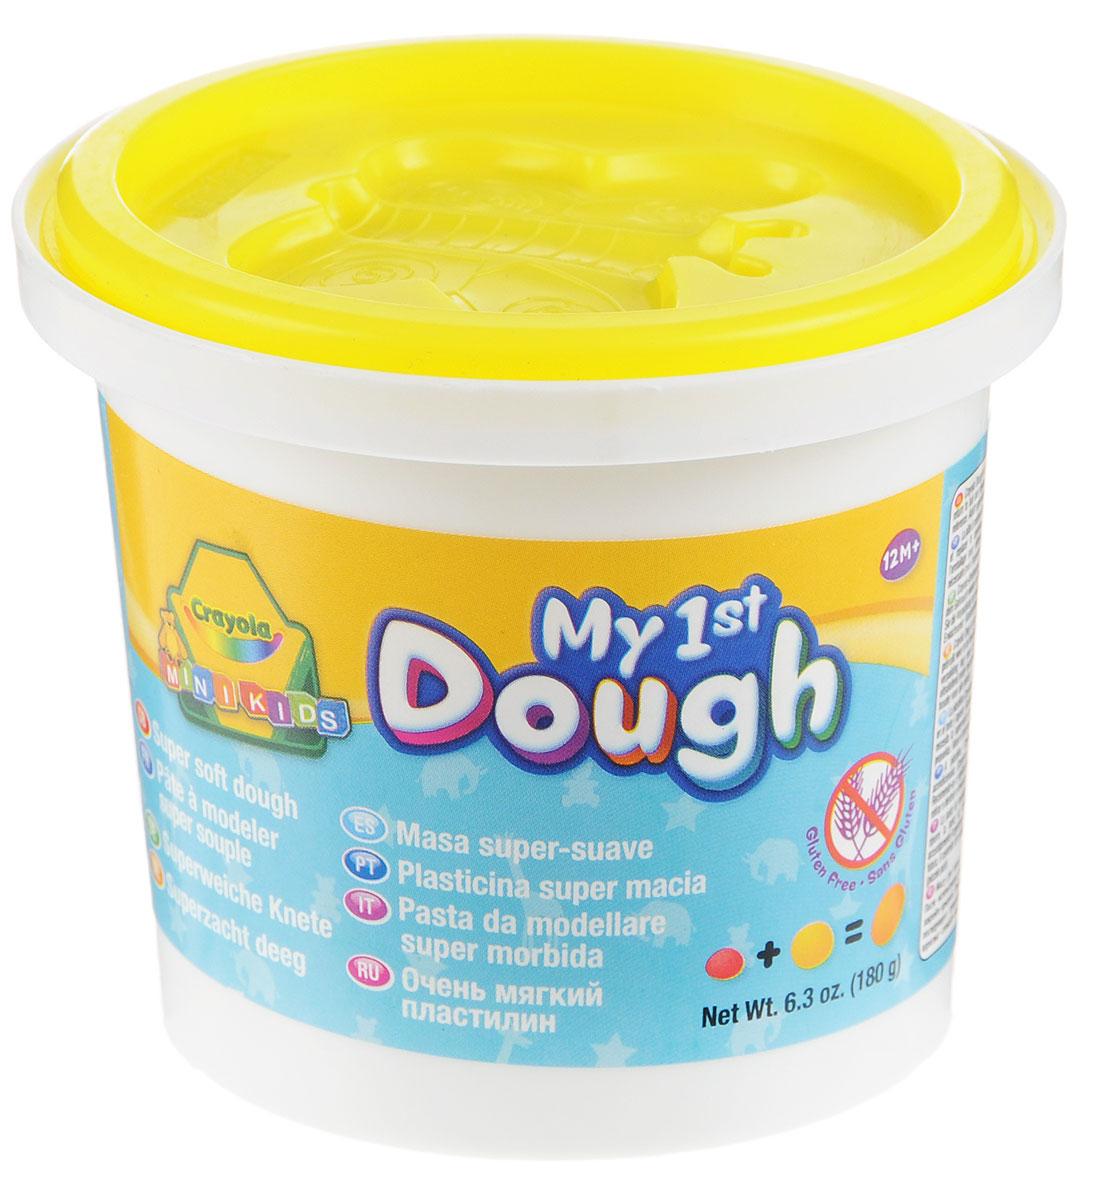 Crayola Масса для лепки My 1st Dough Бабочка цвет желтый